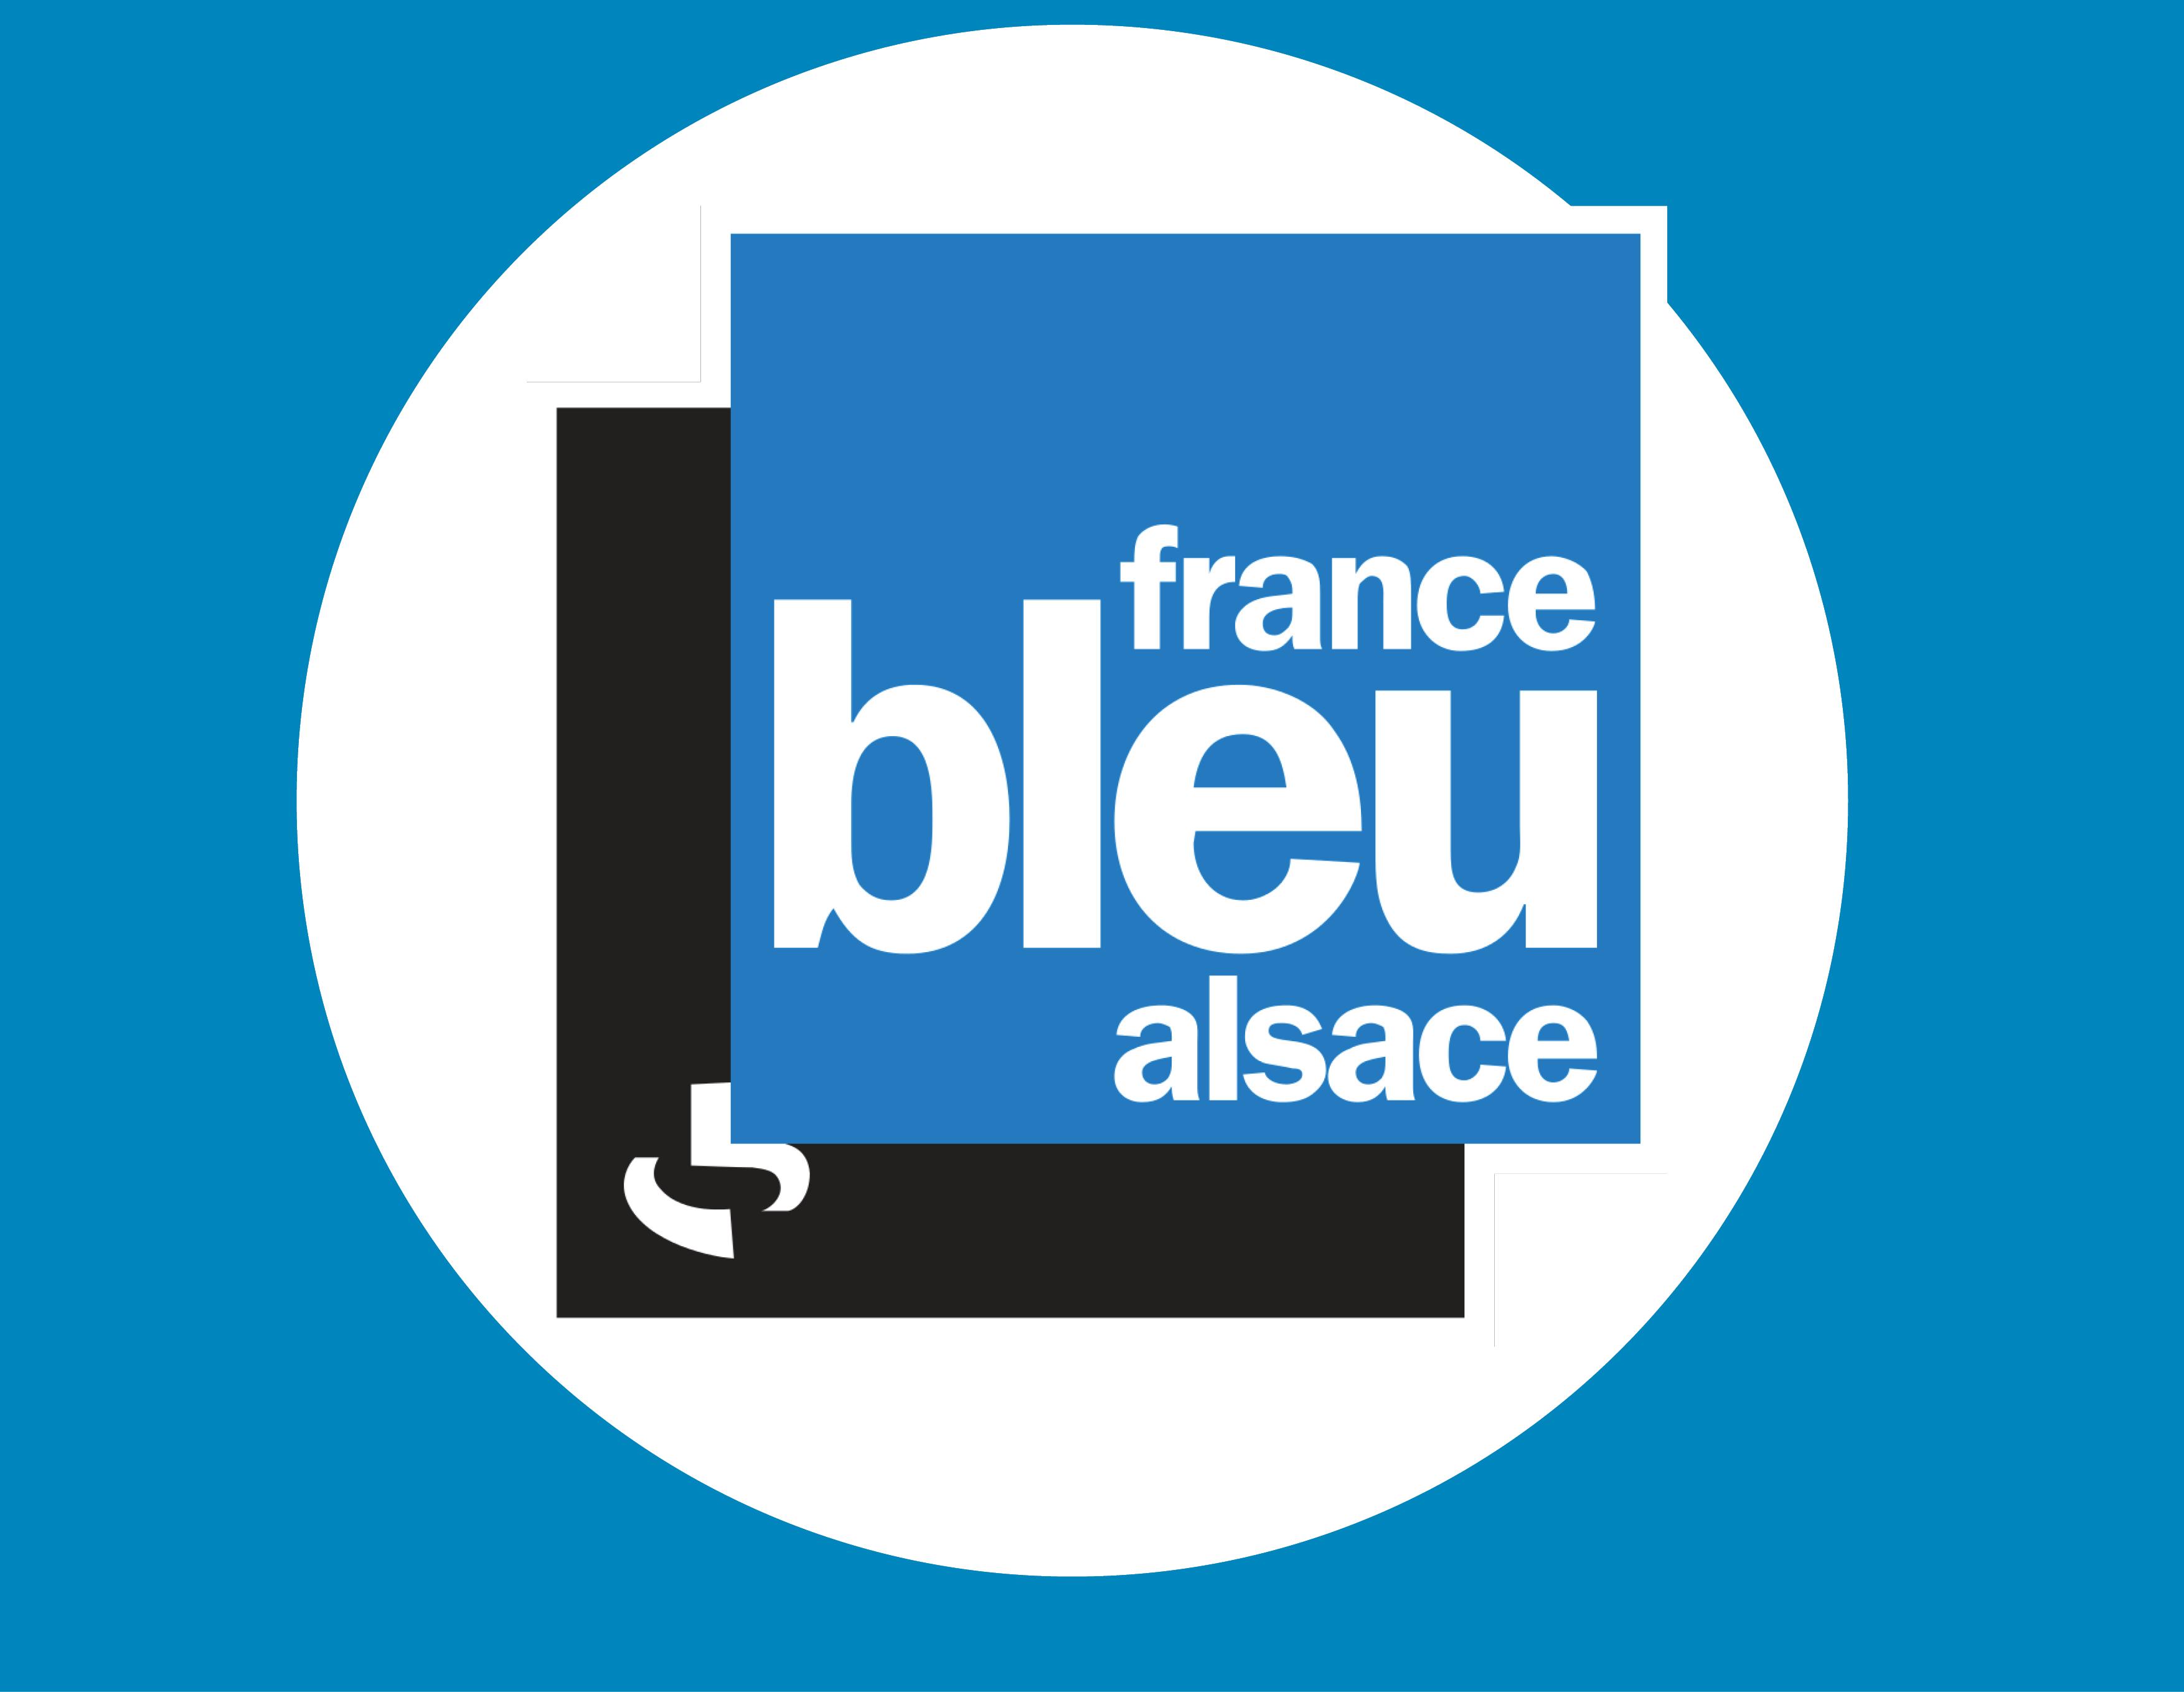 france 3 alsace et france bleu alsace la maison de l 39 arc. Black Bedroom Furniture Sets. Home Design Ideas